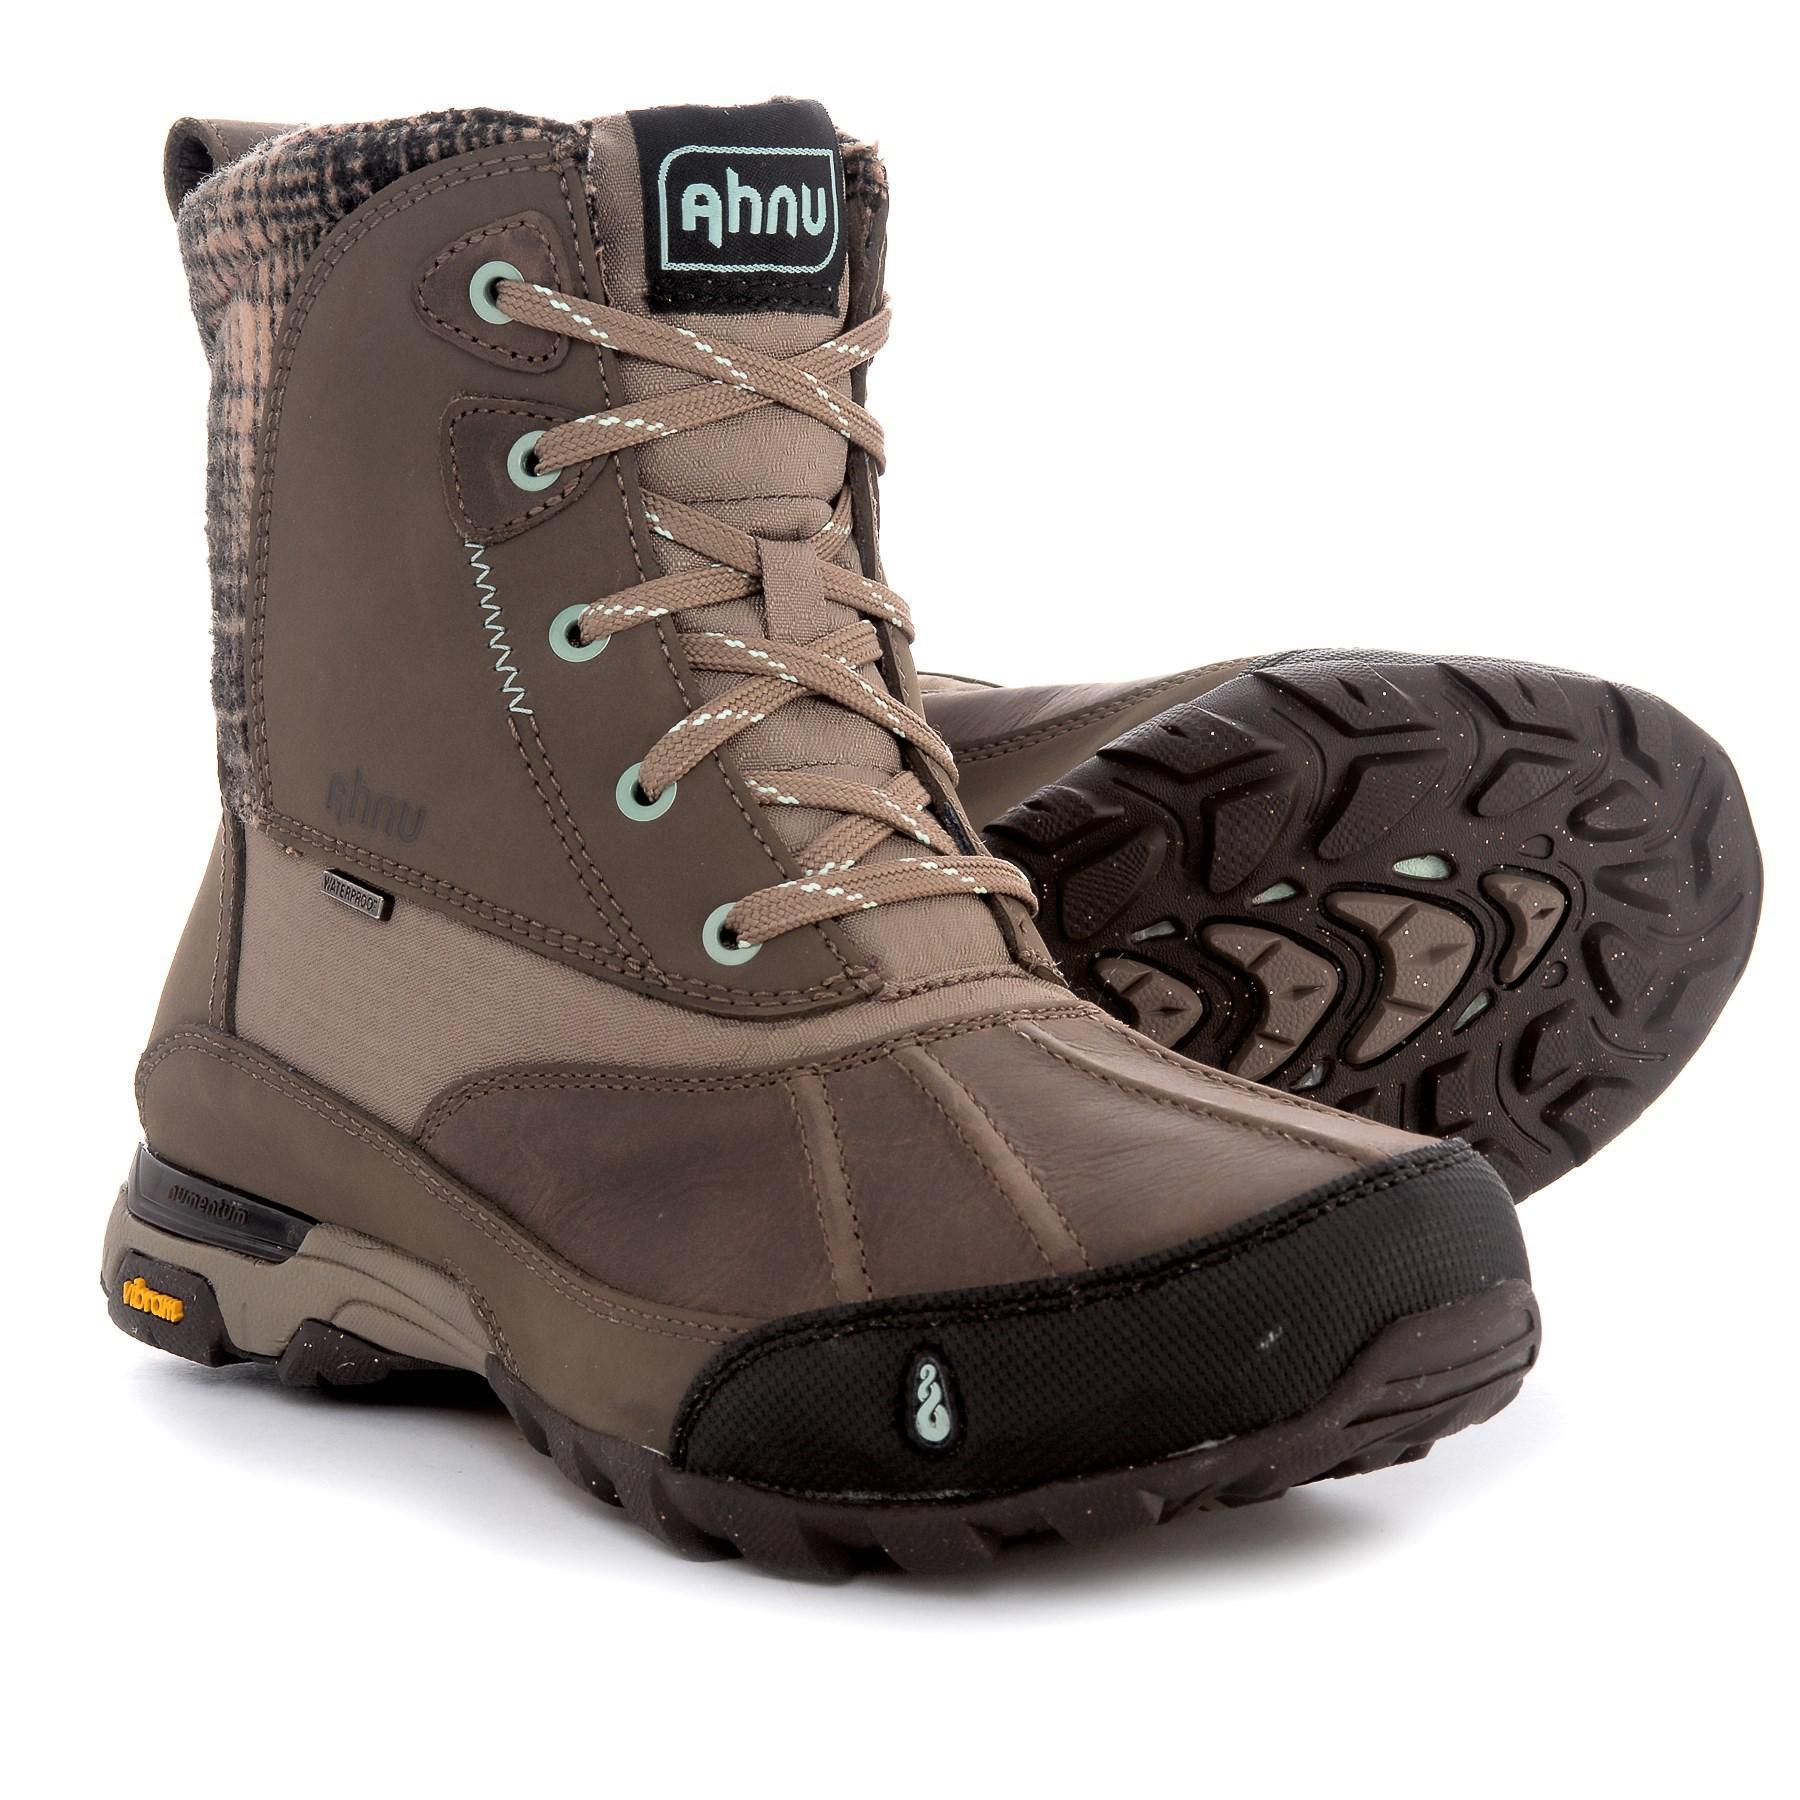 7d63a571cc9 Lyst - Ahnu Sugar Peak Snow Boots in Brown